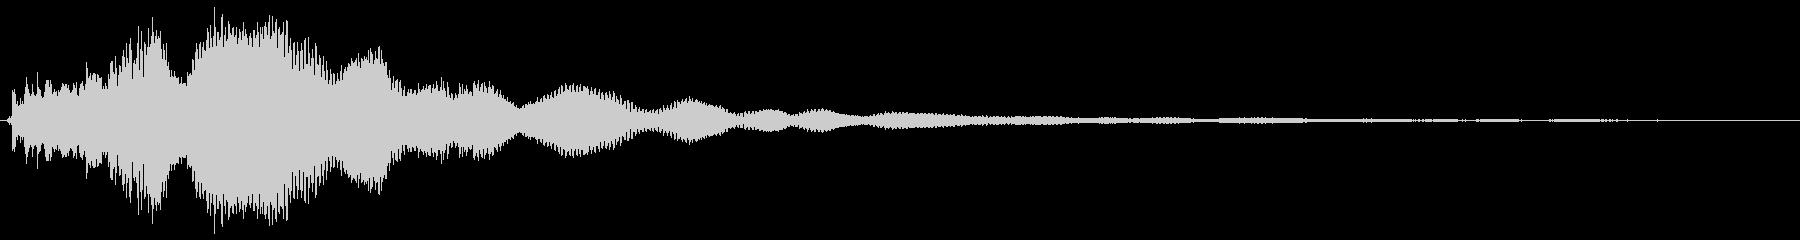 カコーン(水の波紋が広がるような決定音)の未再生の波形